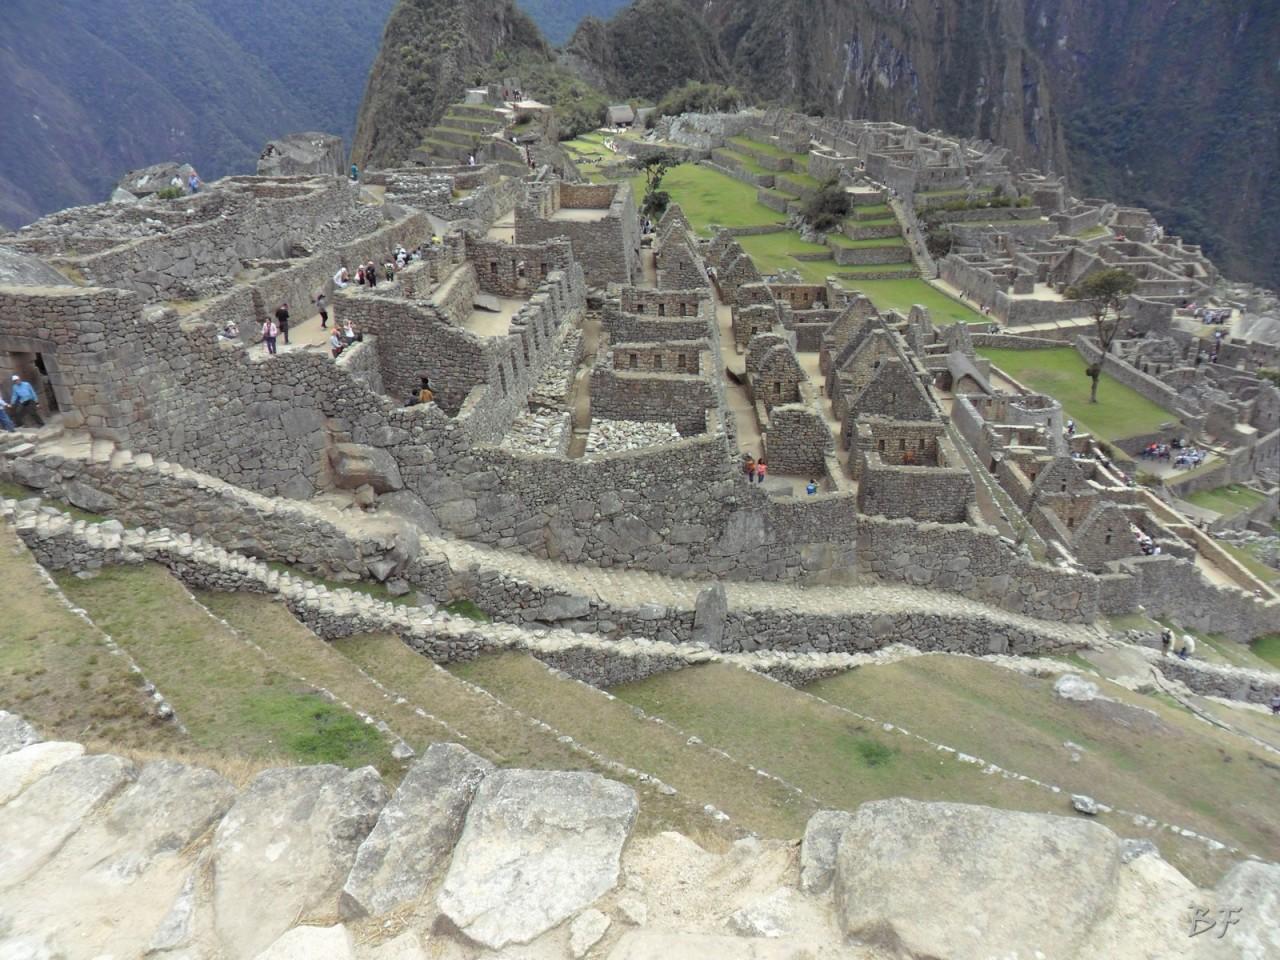 Mura-Poligonali-Incisioni-Altari-Edifici-Rupestri-Megaliti-Machu-Picchu-Aguas-Calientes-Urubamba-Cusco-Perù-74